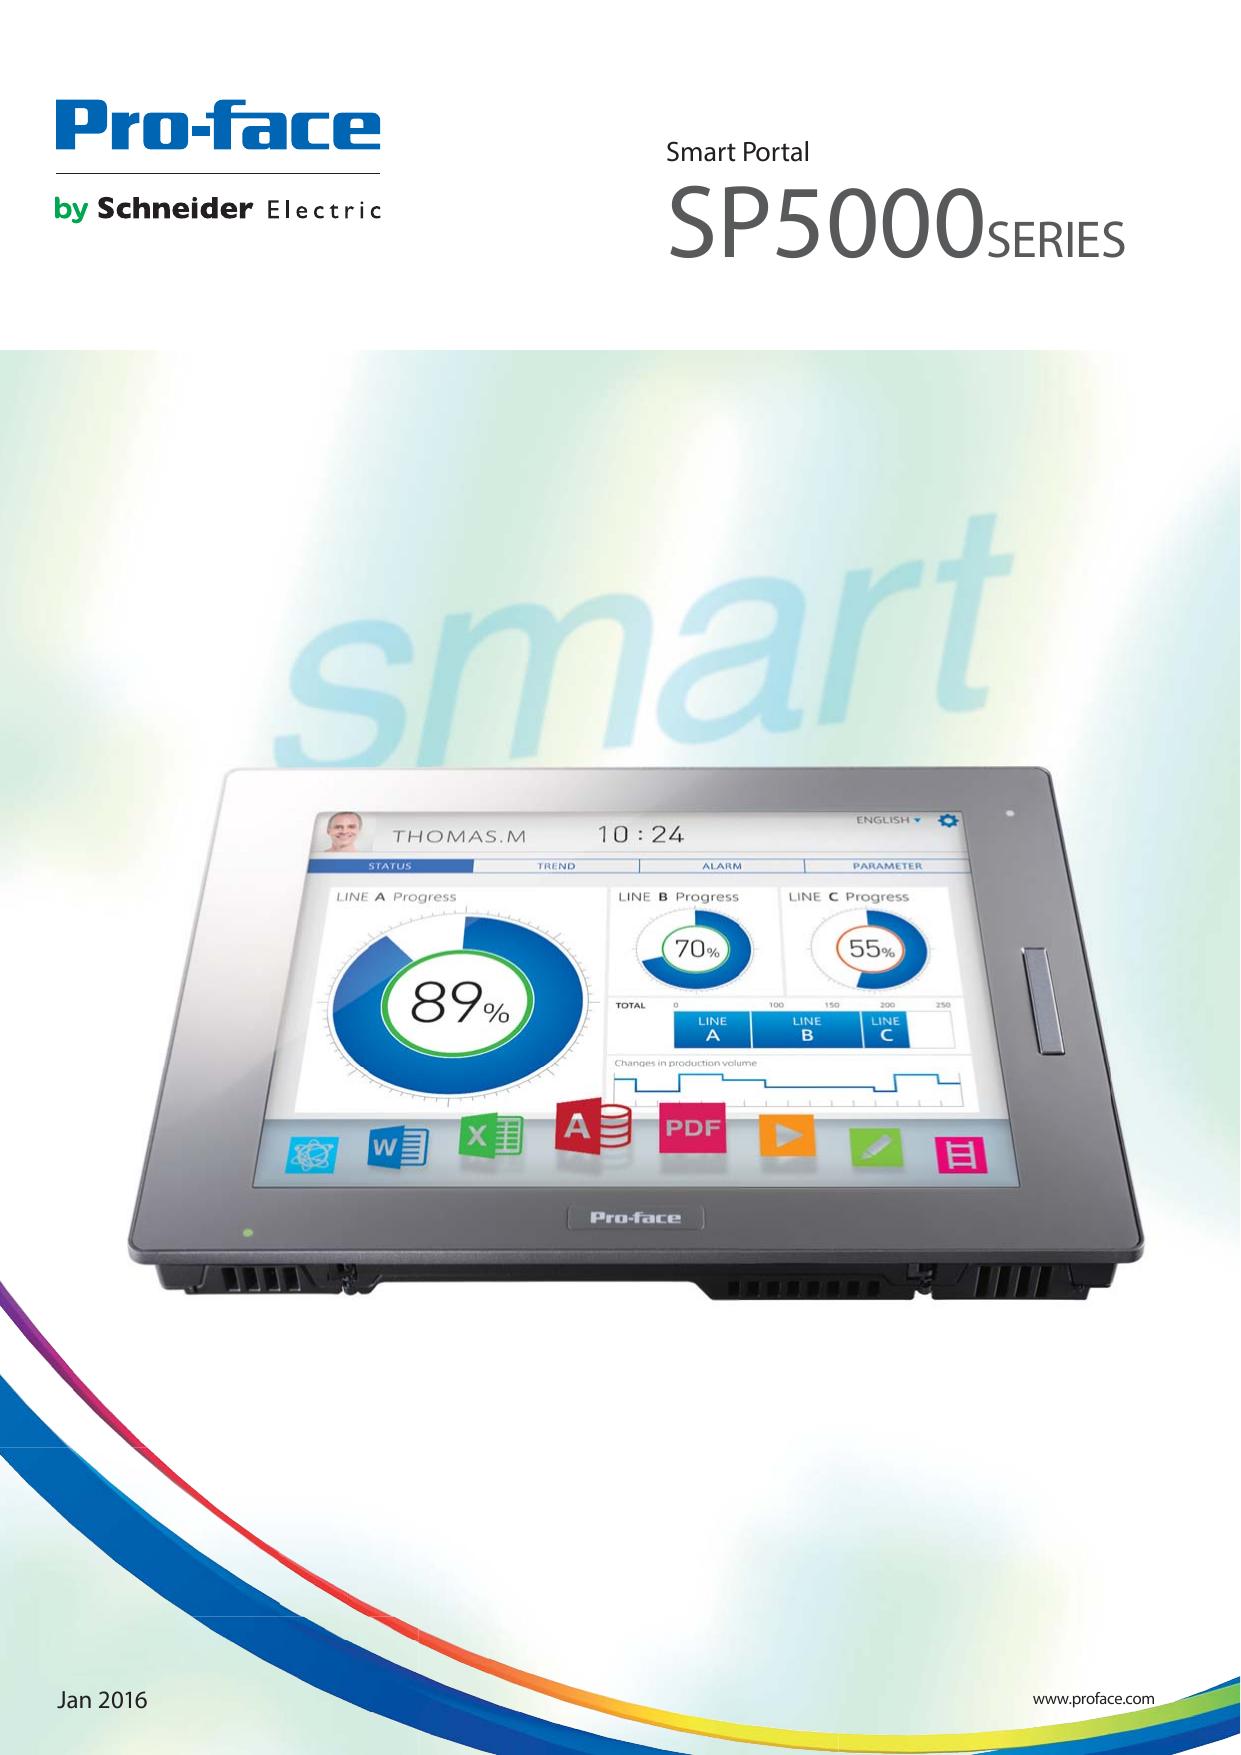 Smart Portal SP5000